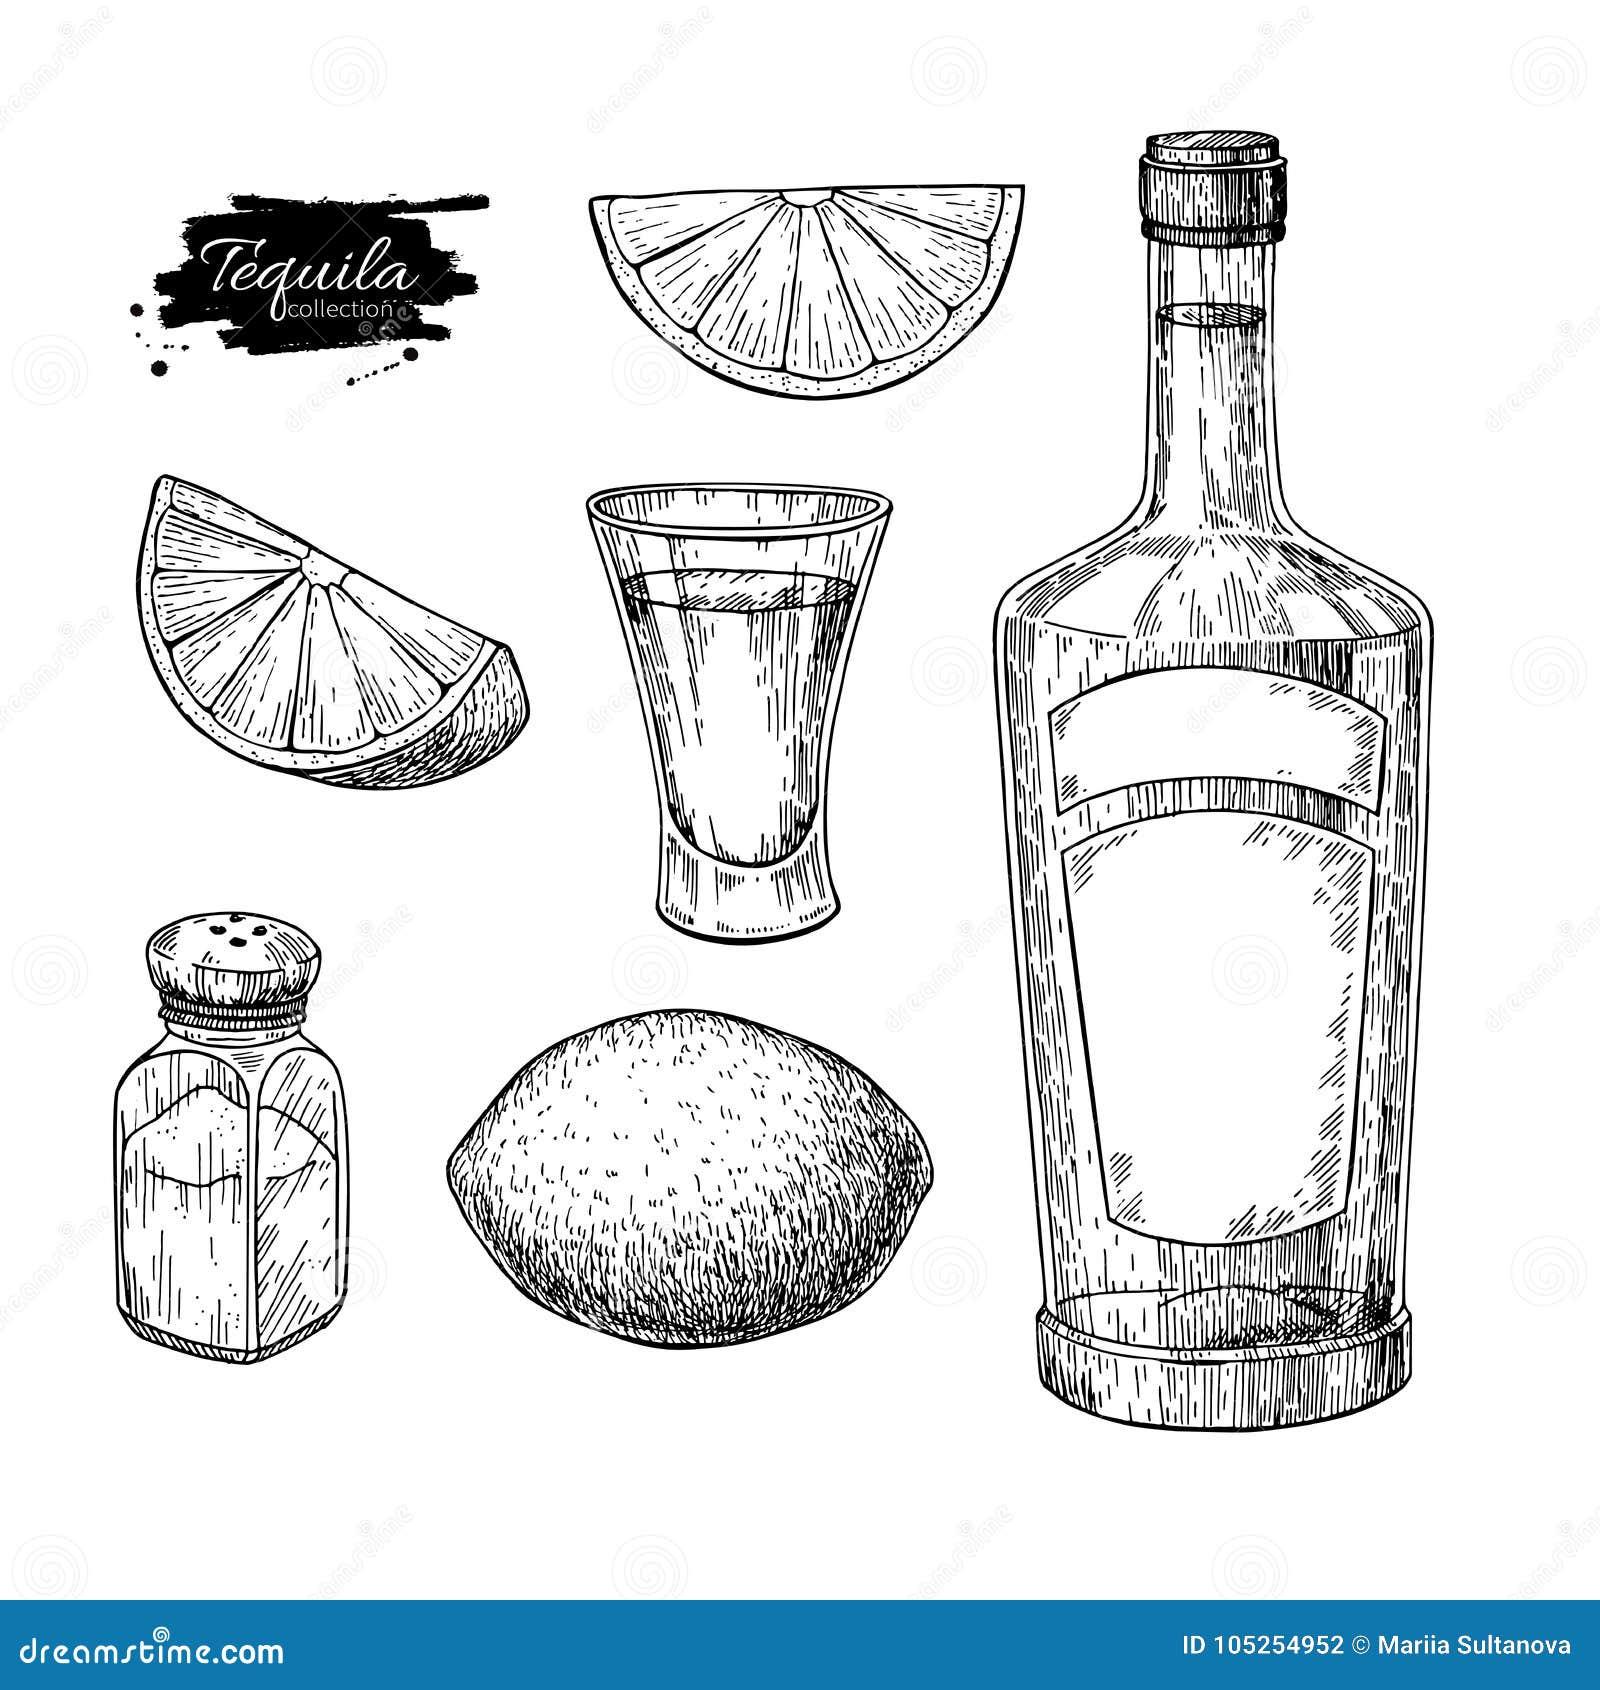 龙舌兰酒瓶、盐瓶和小玻璃与石灰 墨西哥酒精饮料传染媒介图画